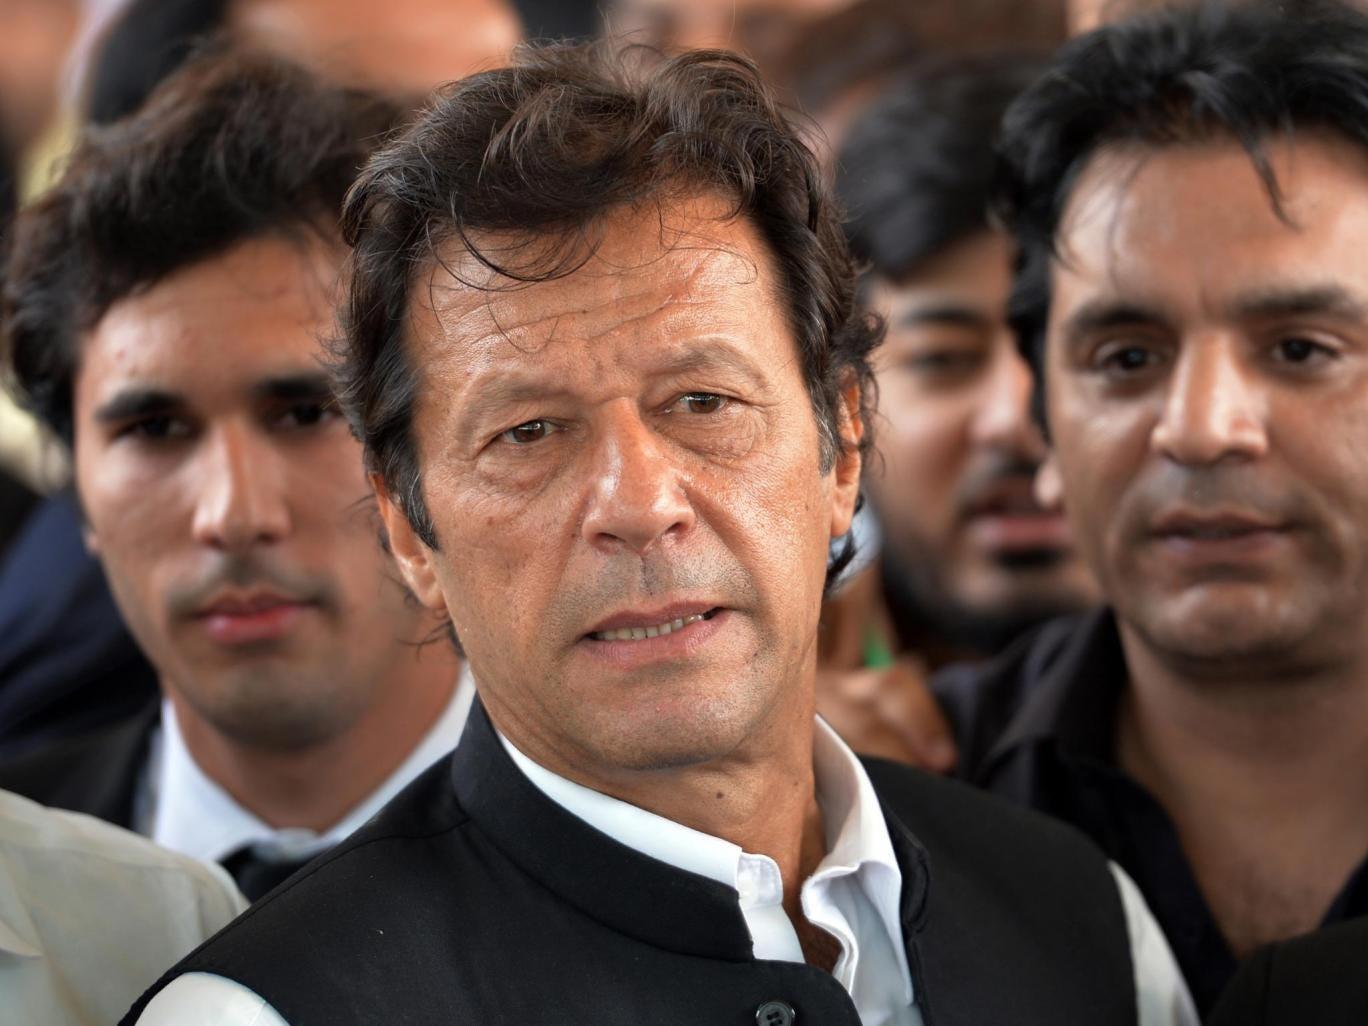 Former cricket legend and opposition leader Imran Khan